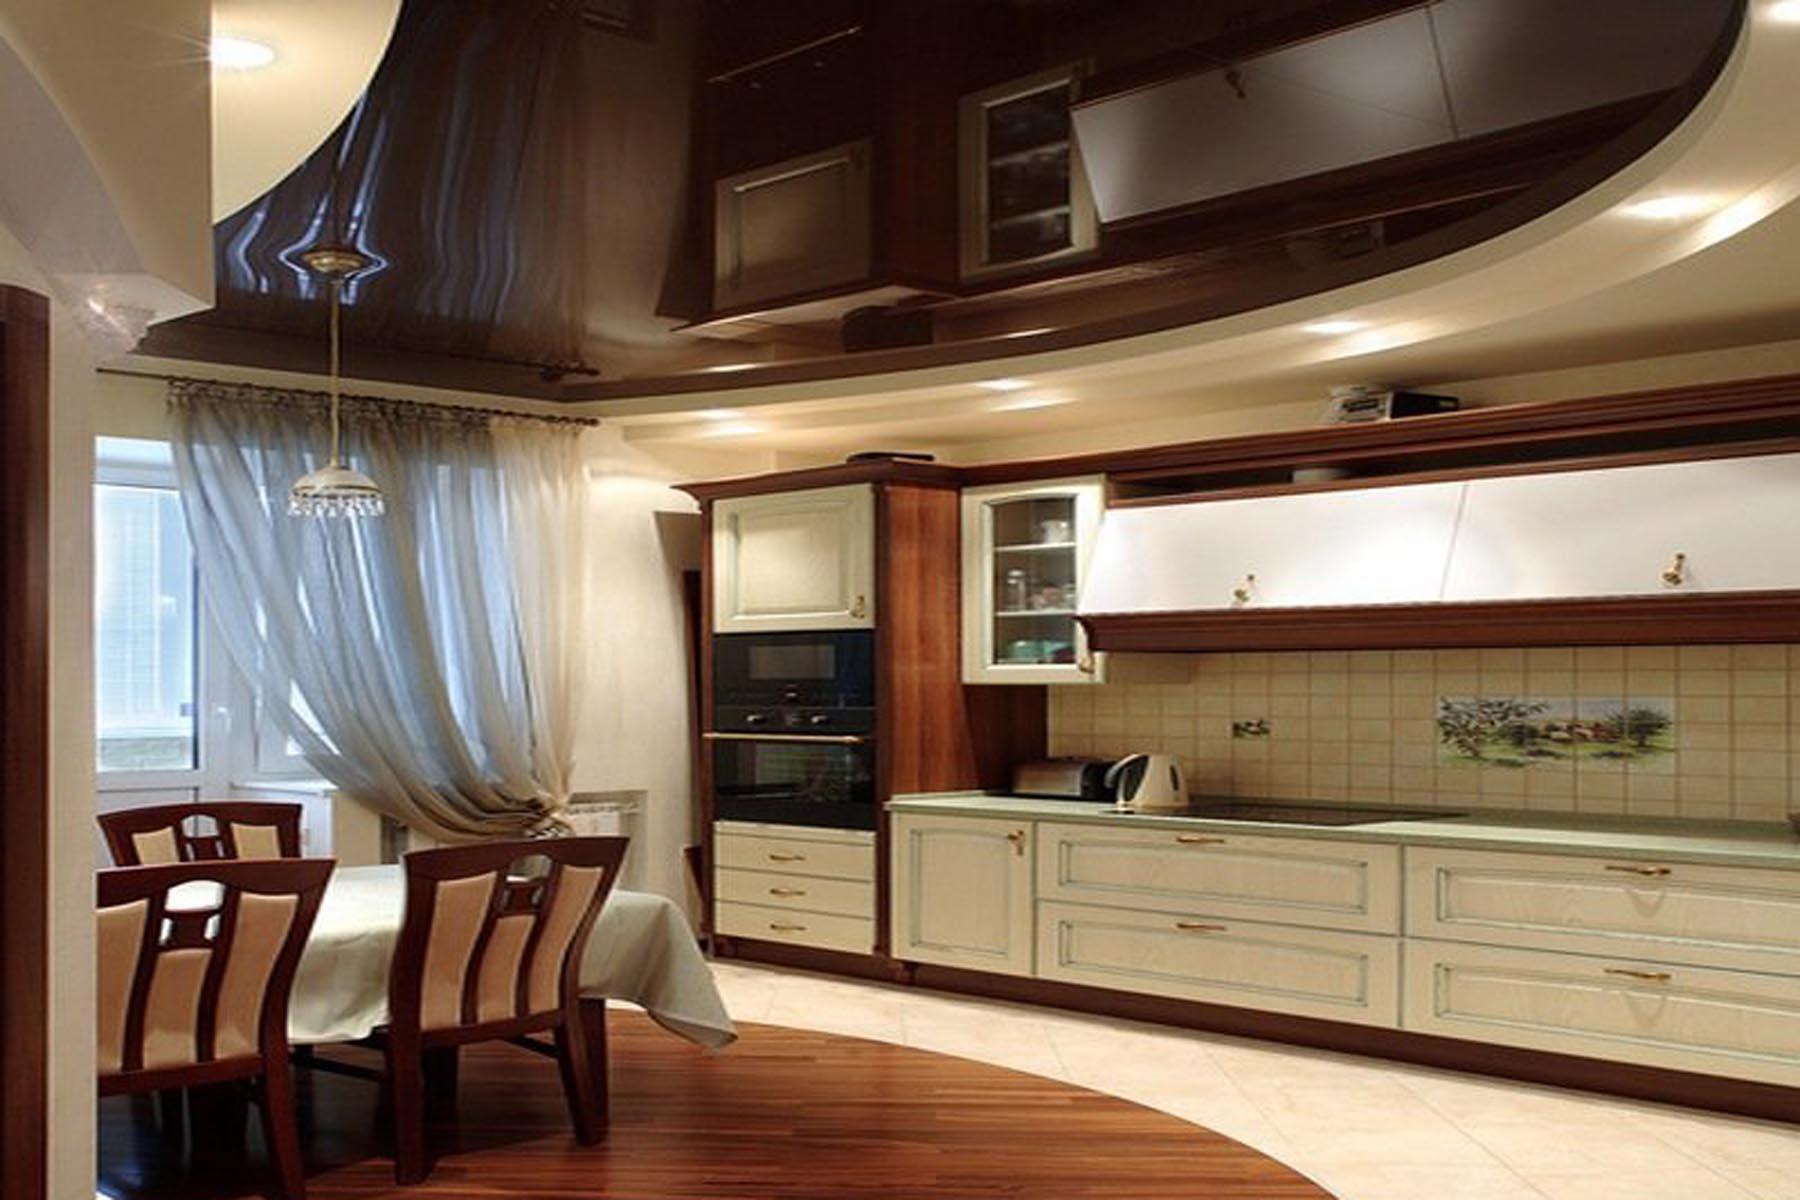 50 Идей дизайна потолка на кухне: советы эксперта (фото)